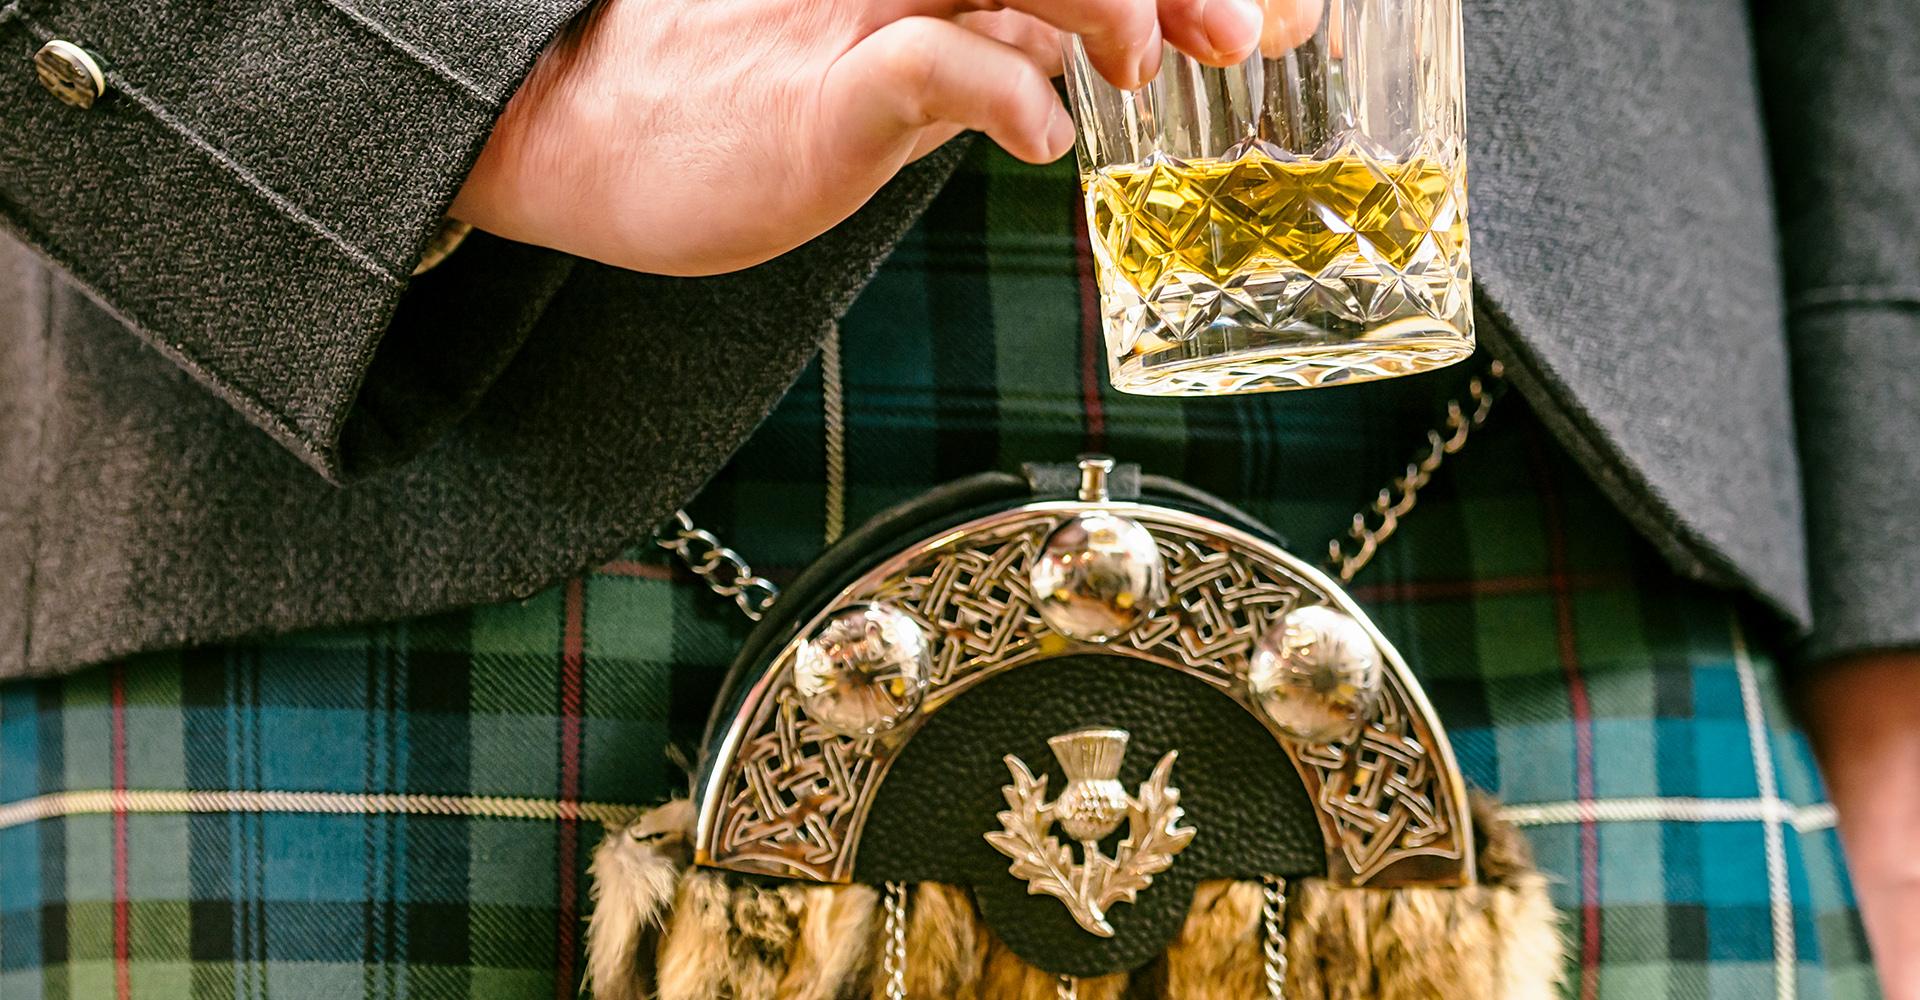 Whisky Tasting at Launay's